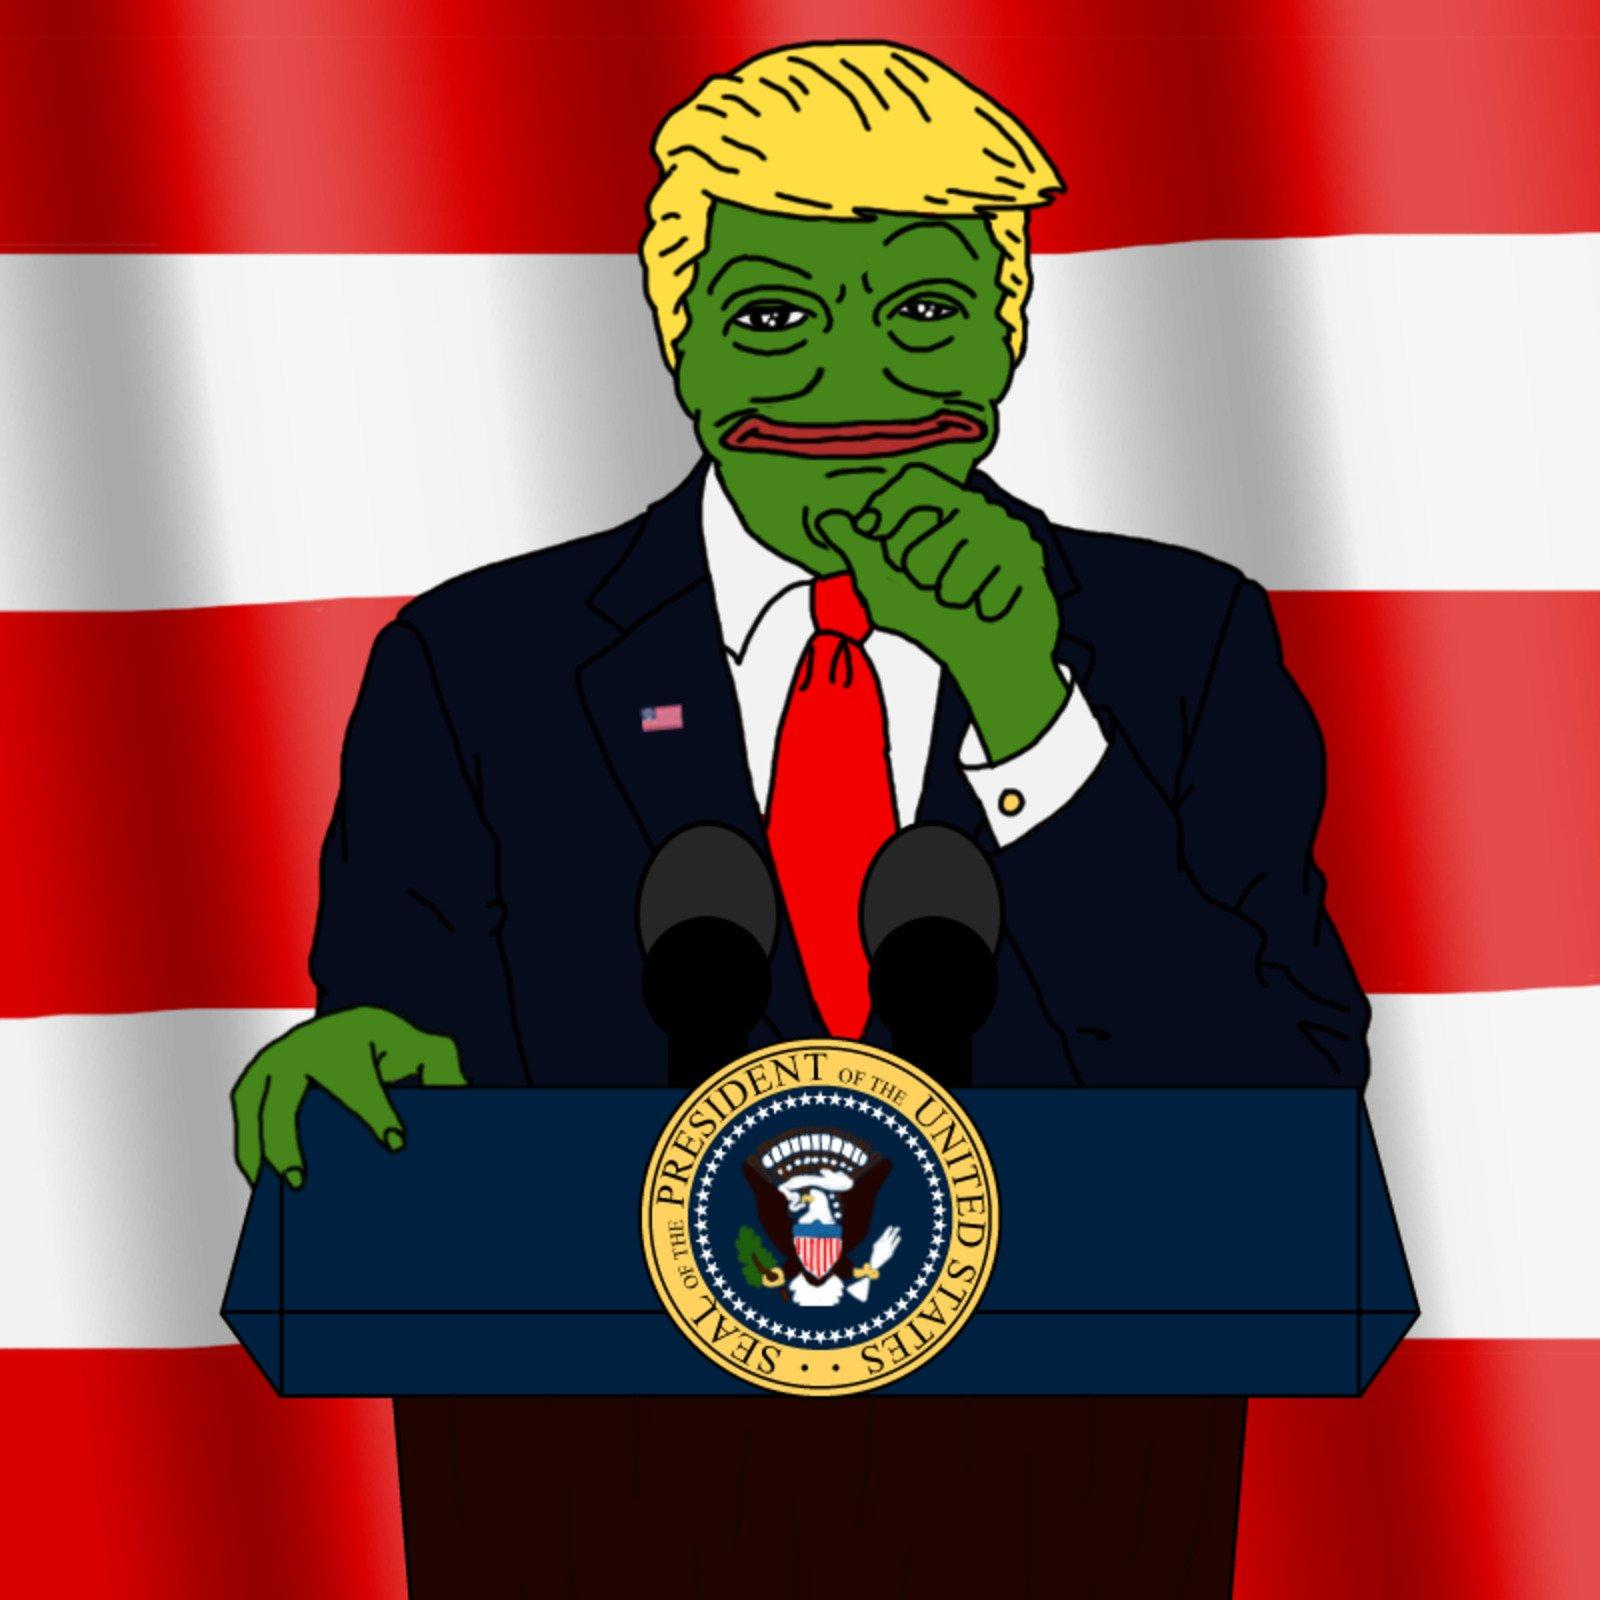 La serie sobre QAnon, el movimiento que quiere salvar a Trump de los  satánicos